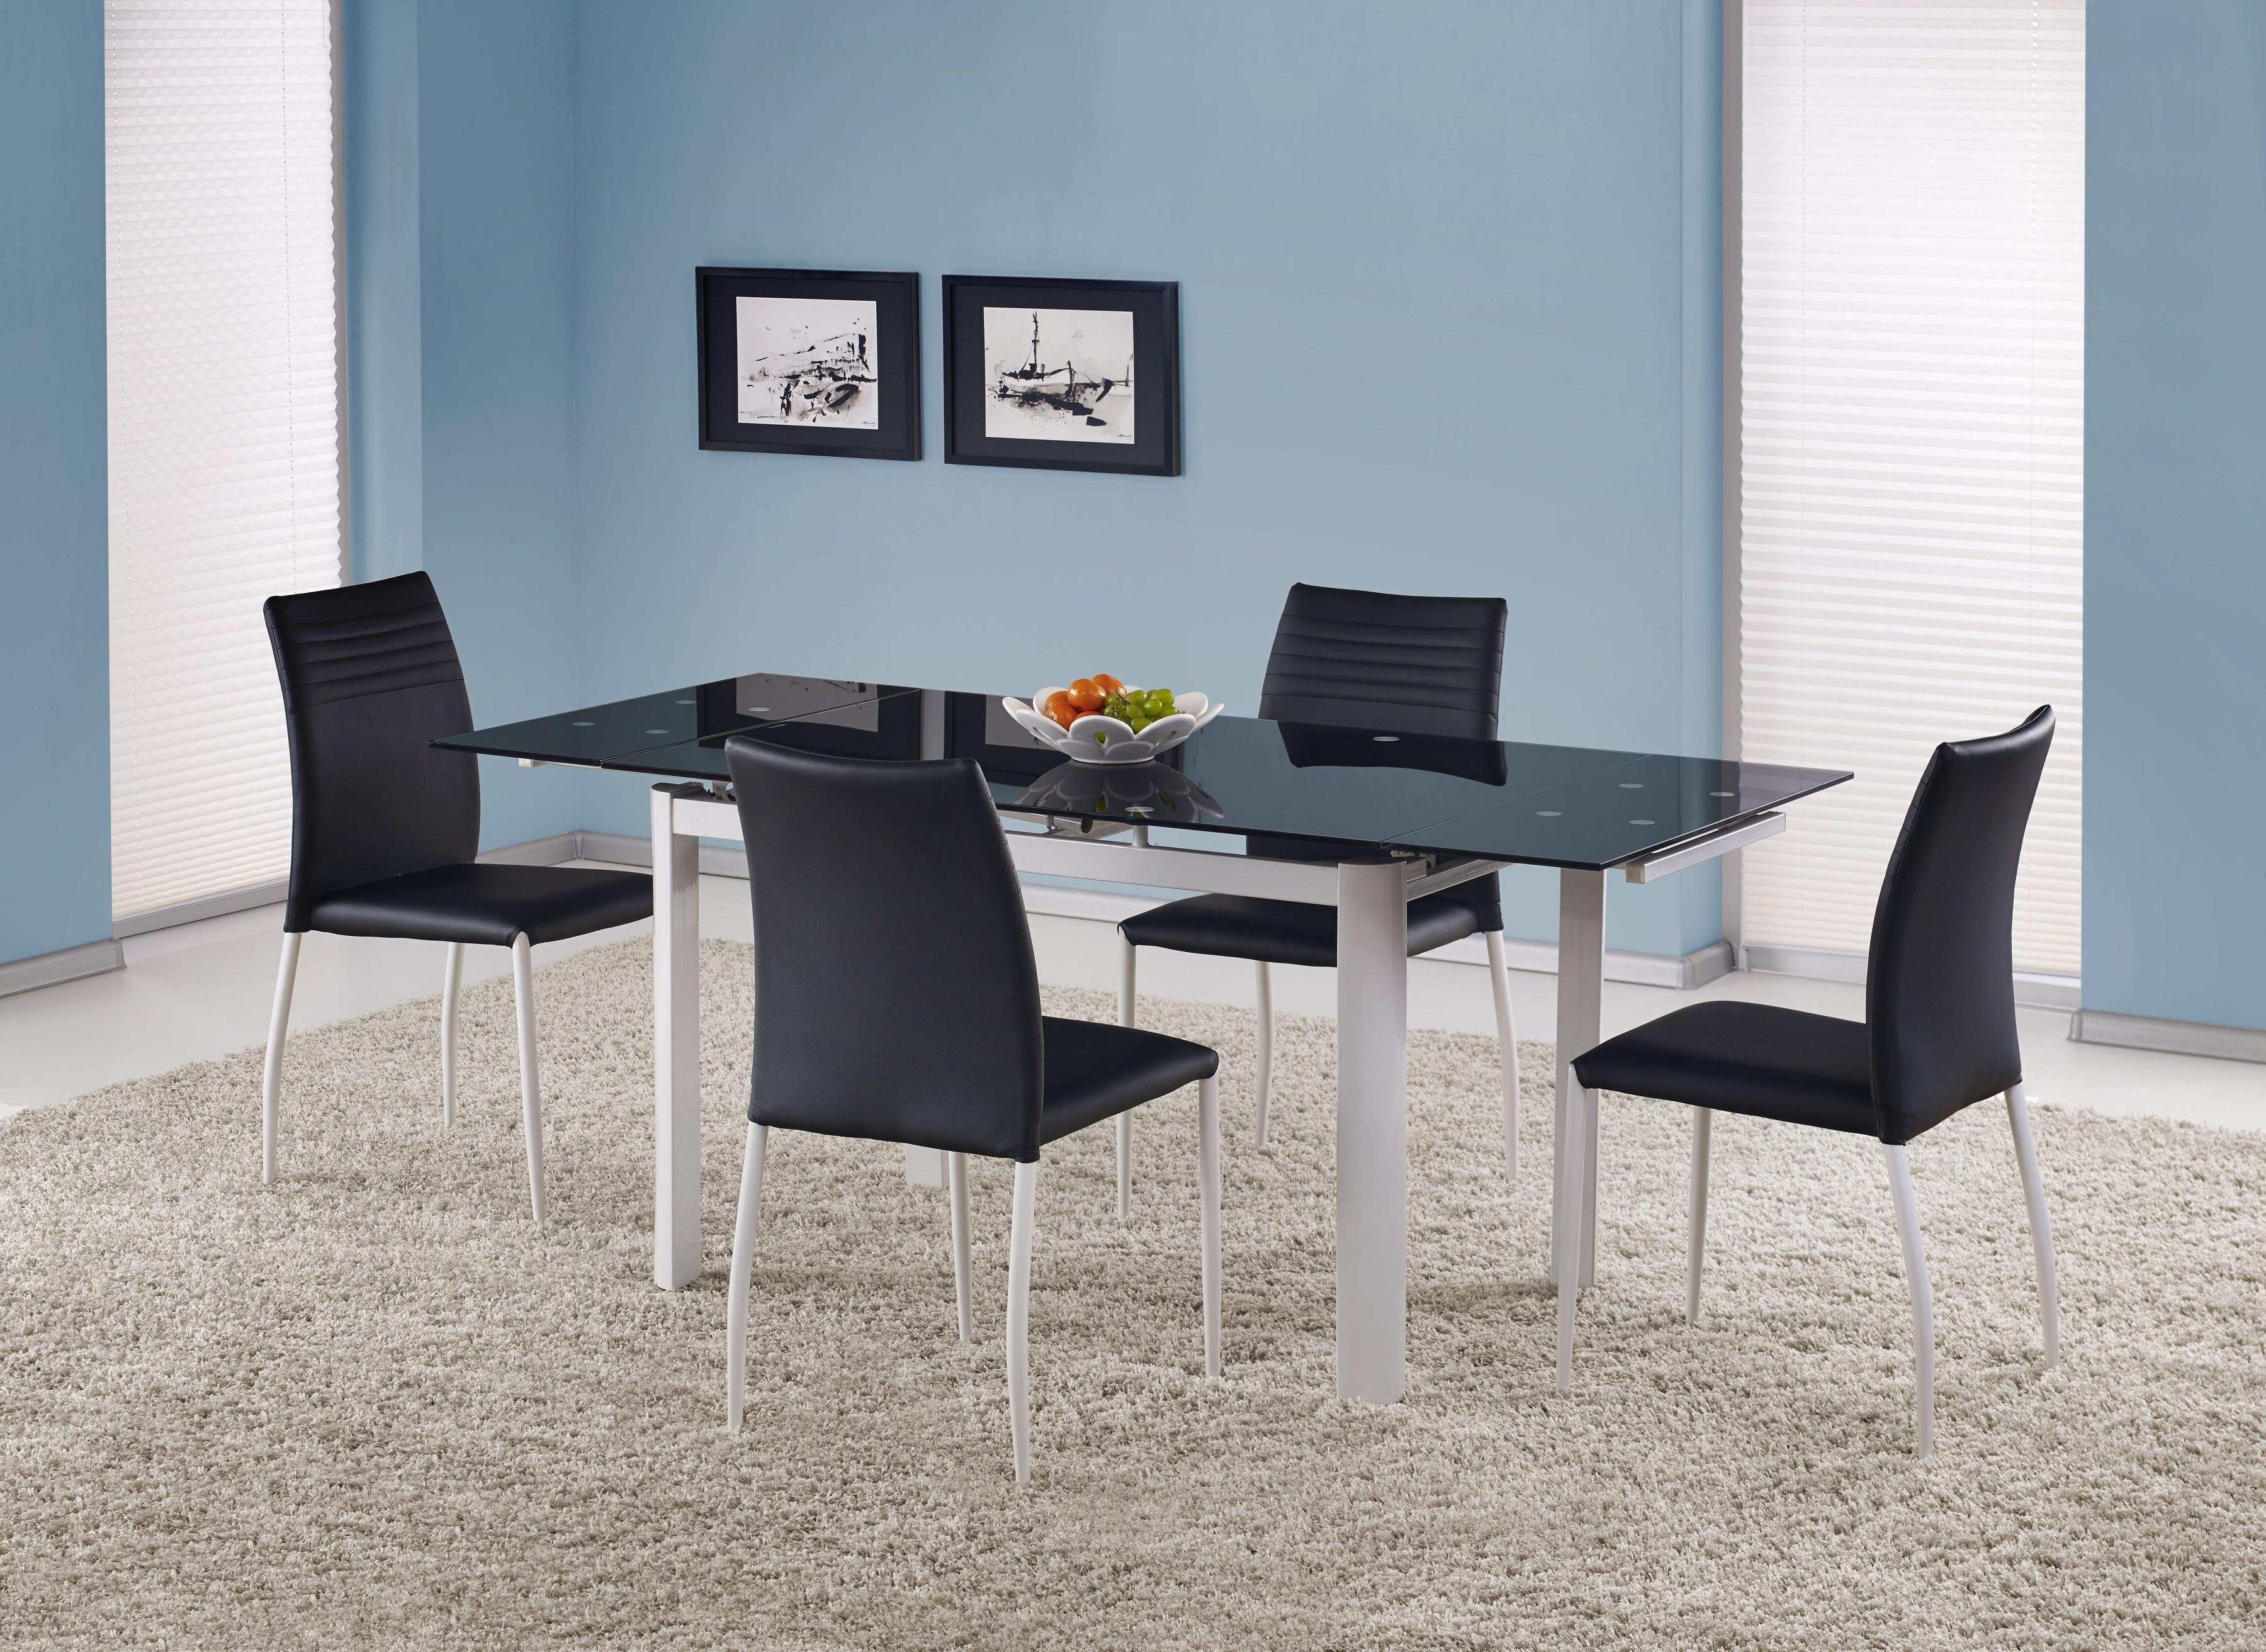 Jedálenský stôl - Halmar - ALSTON čierna (pre 4 až 8 osôb). Akcia -6%. Sme autorizovaný predajca Halmar. Vlastná spoľahlivá doprava až k Vám domov.